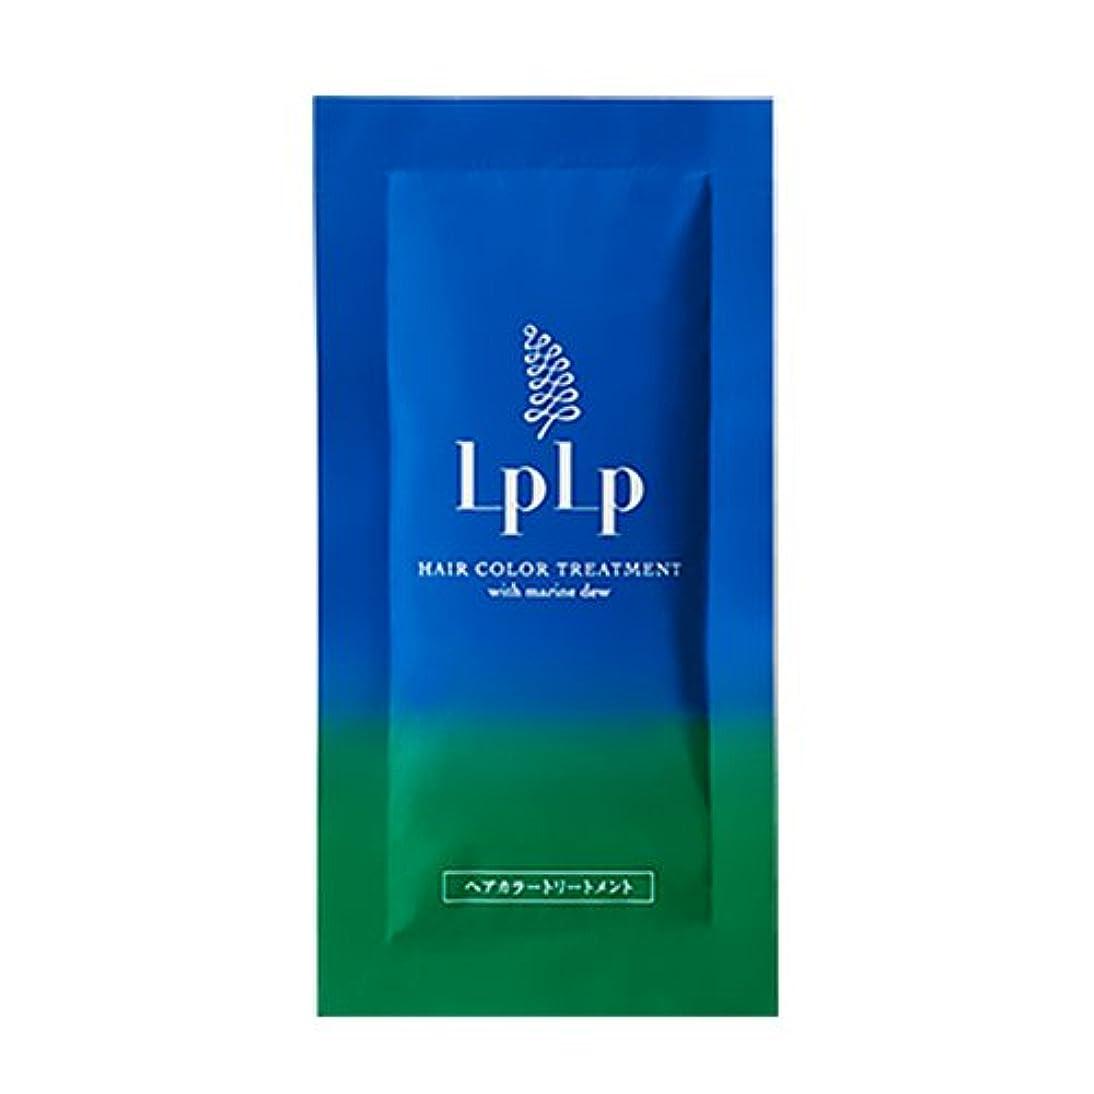 悩み普遍的な貪欲LPLP(ルプルプ)ヘアカラートリートメントお試しパウチ ソフトブラック